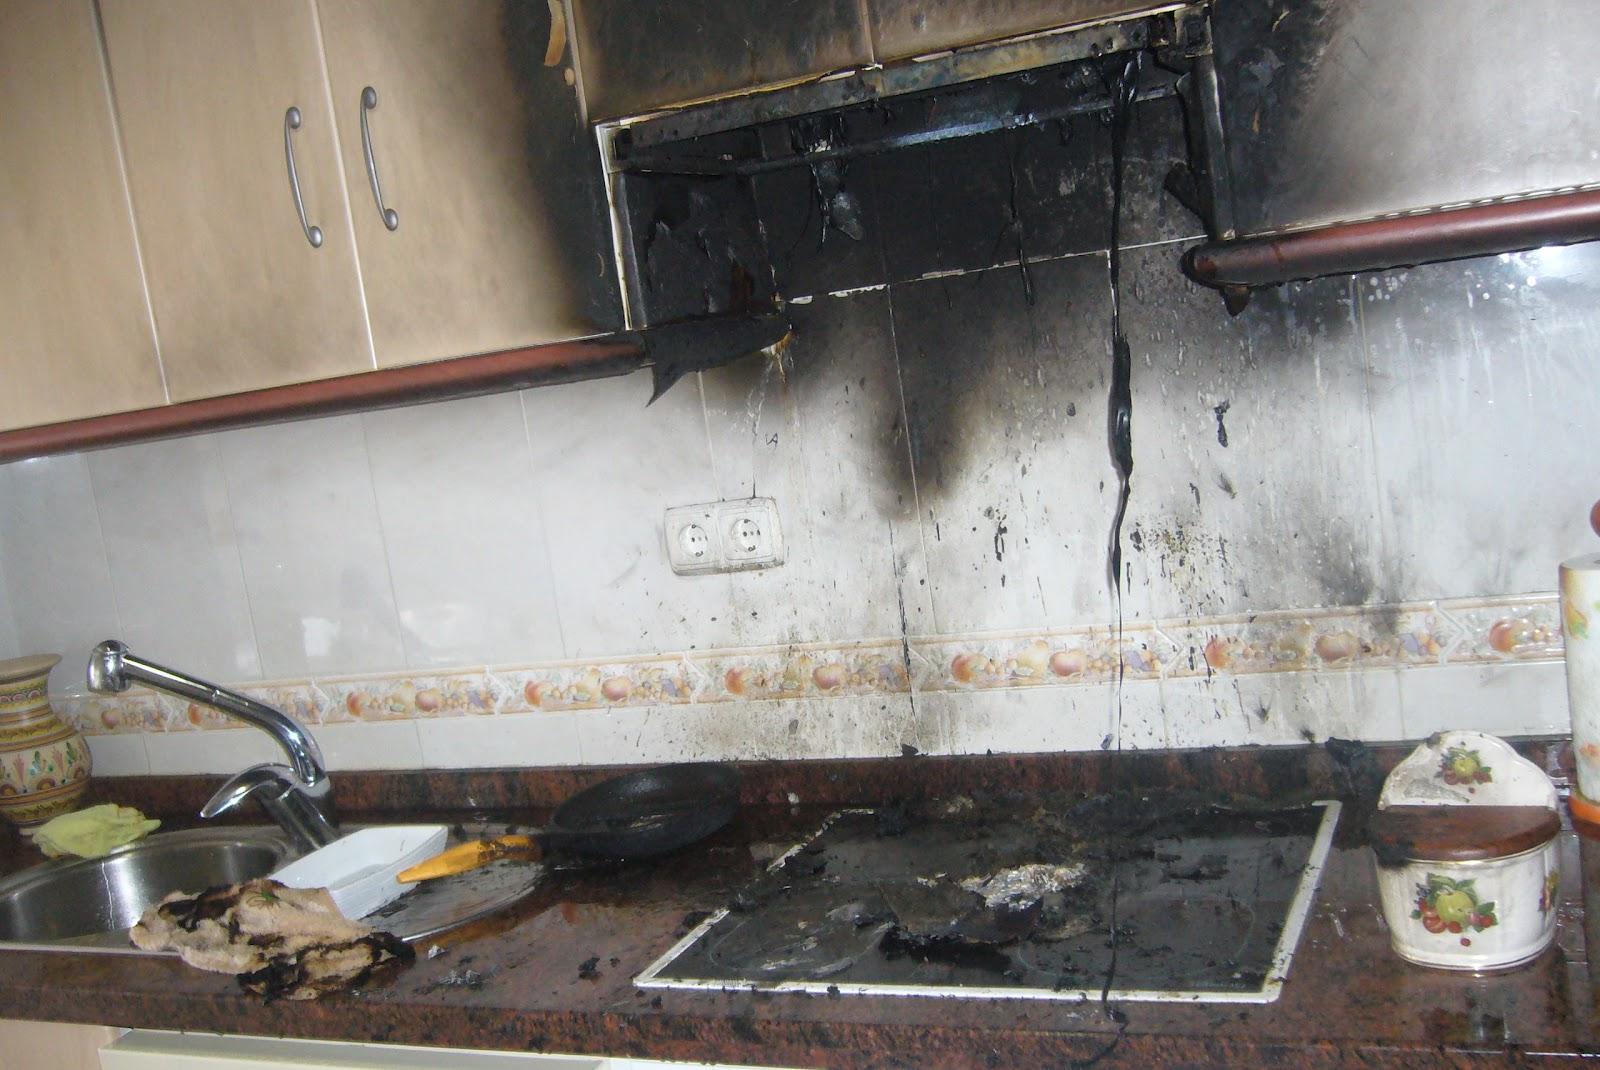 Modista8 Incendio En La Cocina